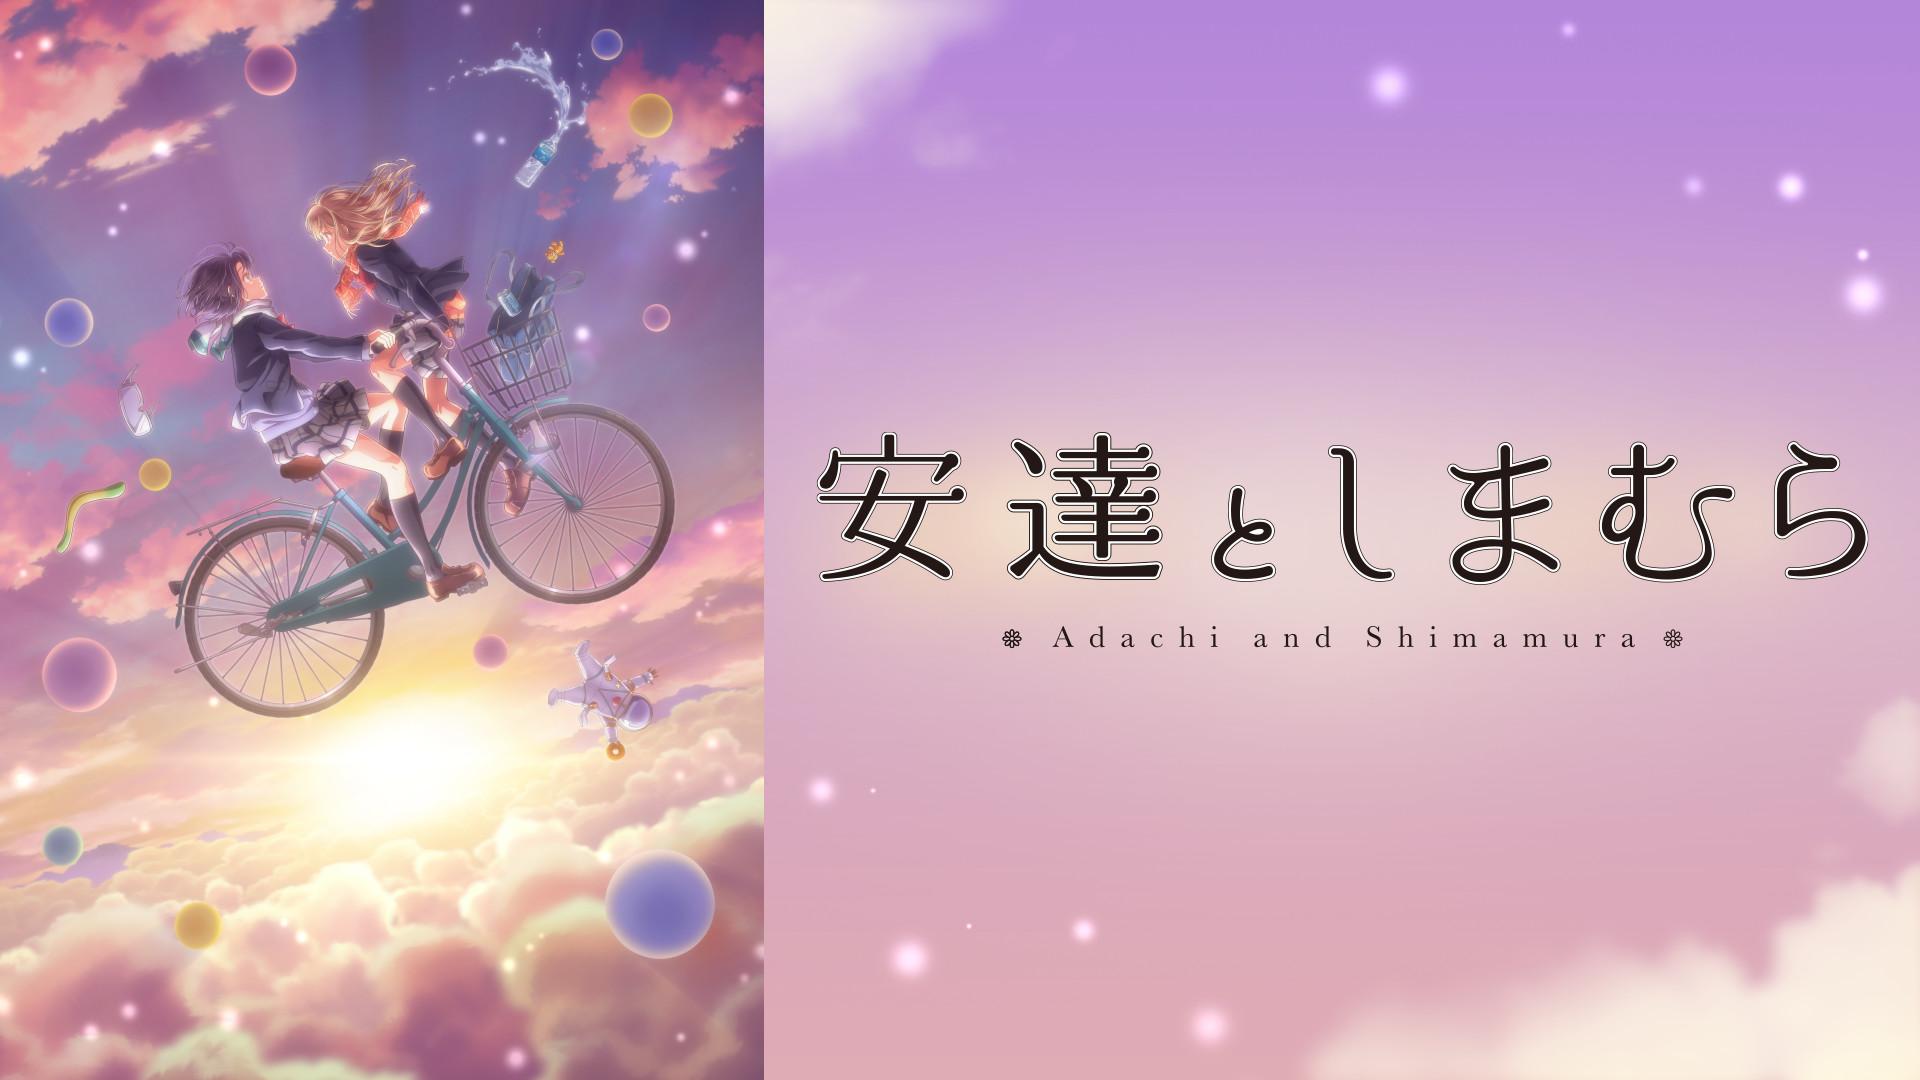 安達としまむら | アニメ動画見放題 | dアニメストア